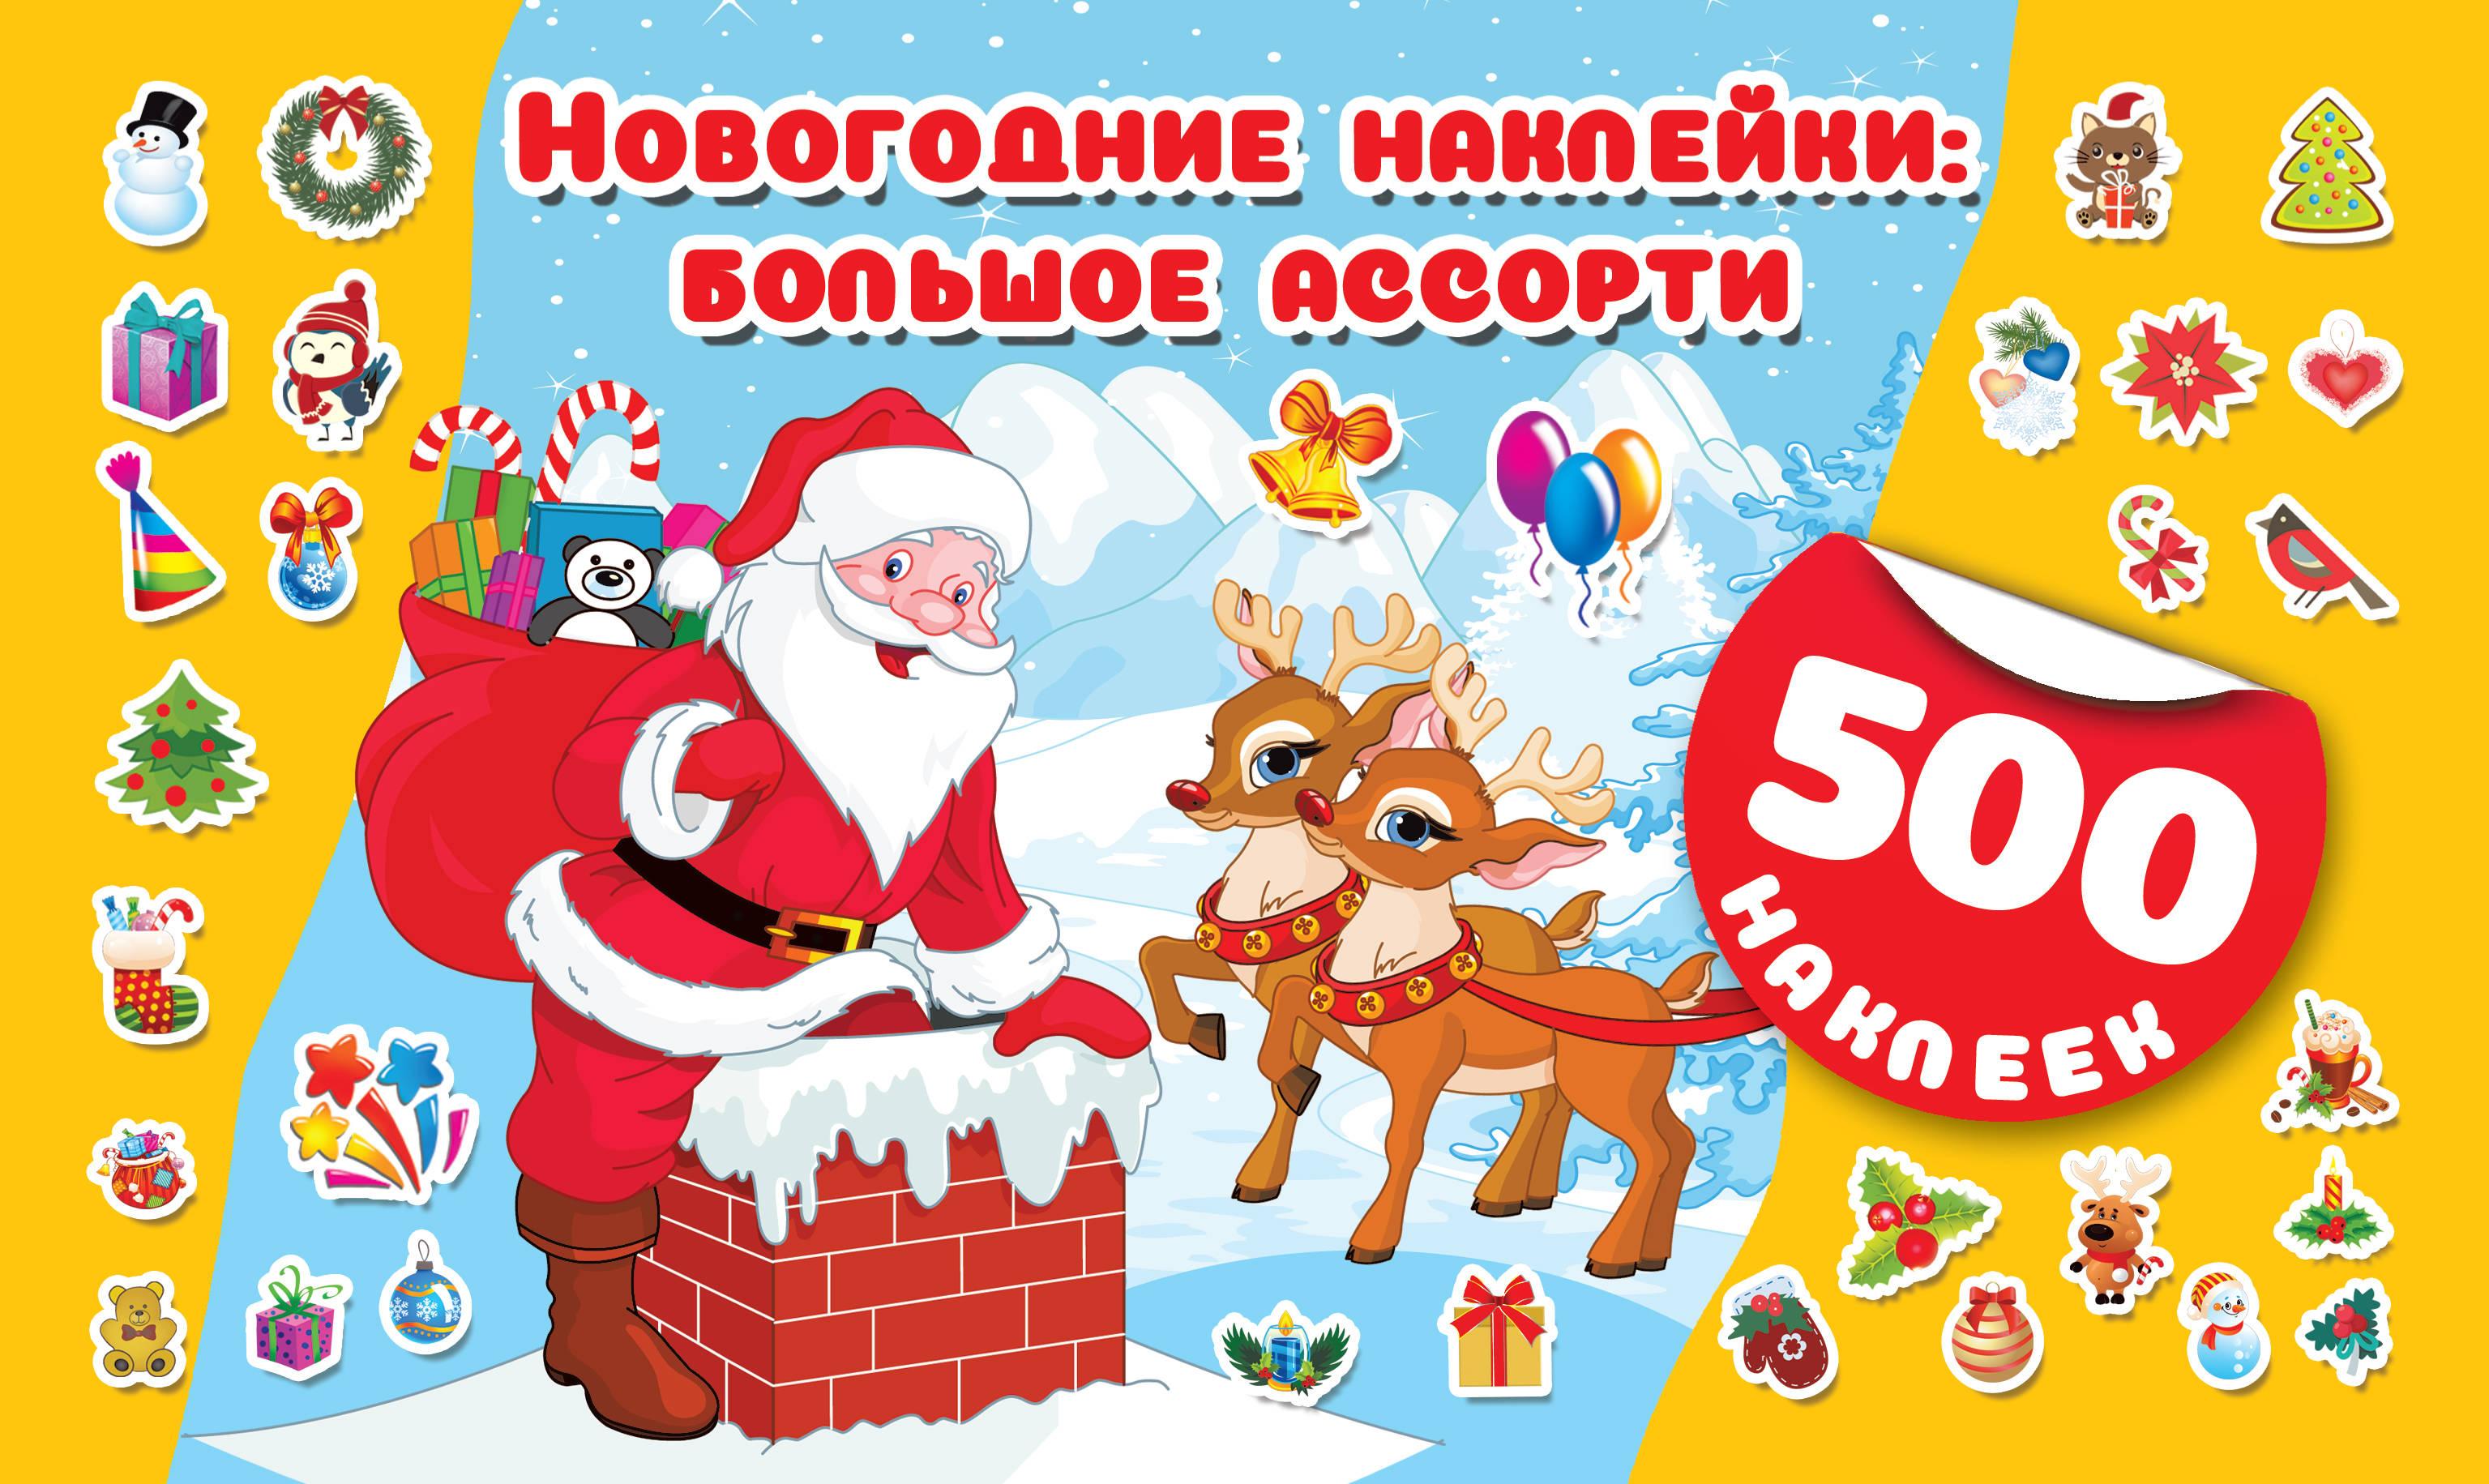 Novogodnie naklejki : bolshoe assorti